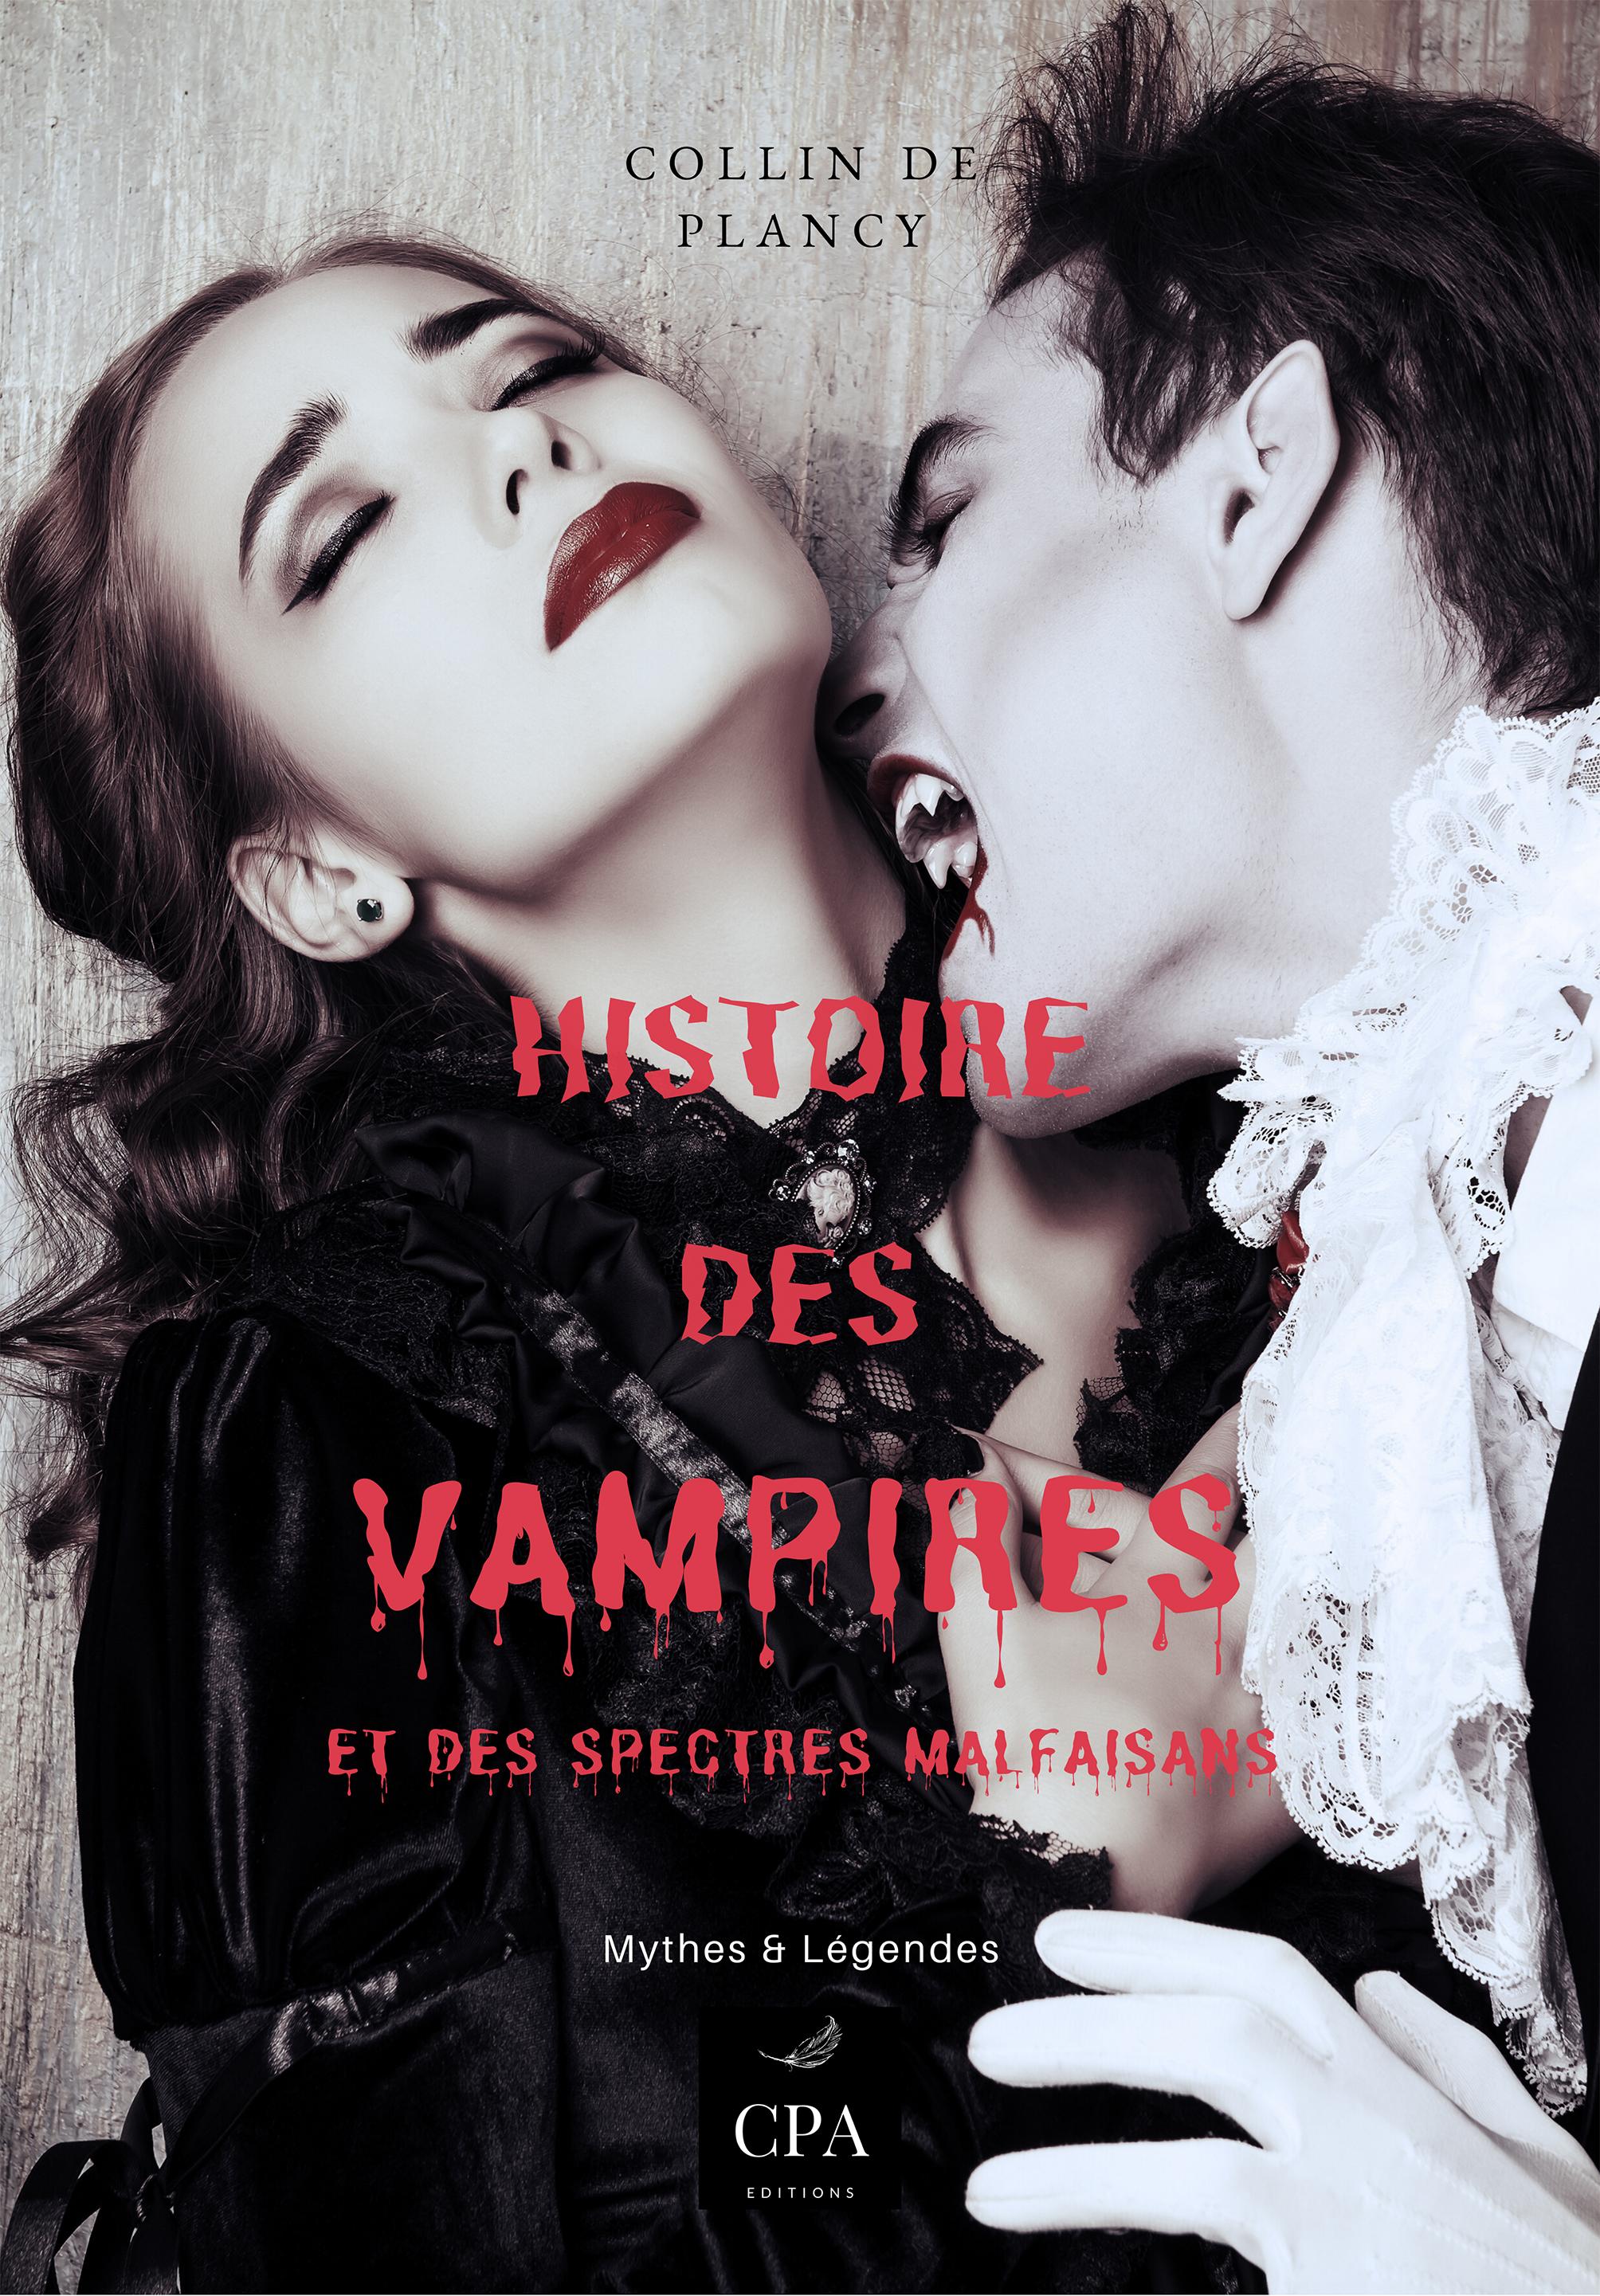 HISTOIRE DES VAMPIRES ET DES SPECTRES MALFAISANTS